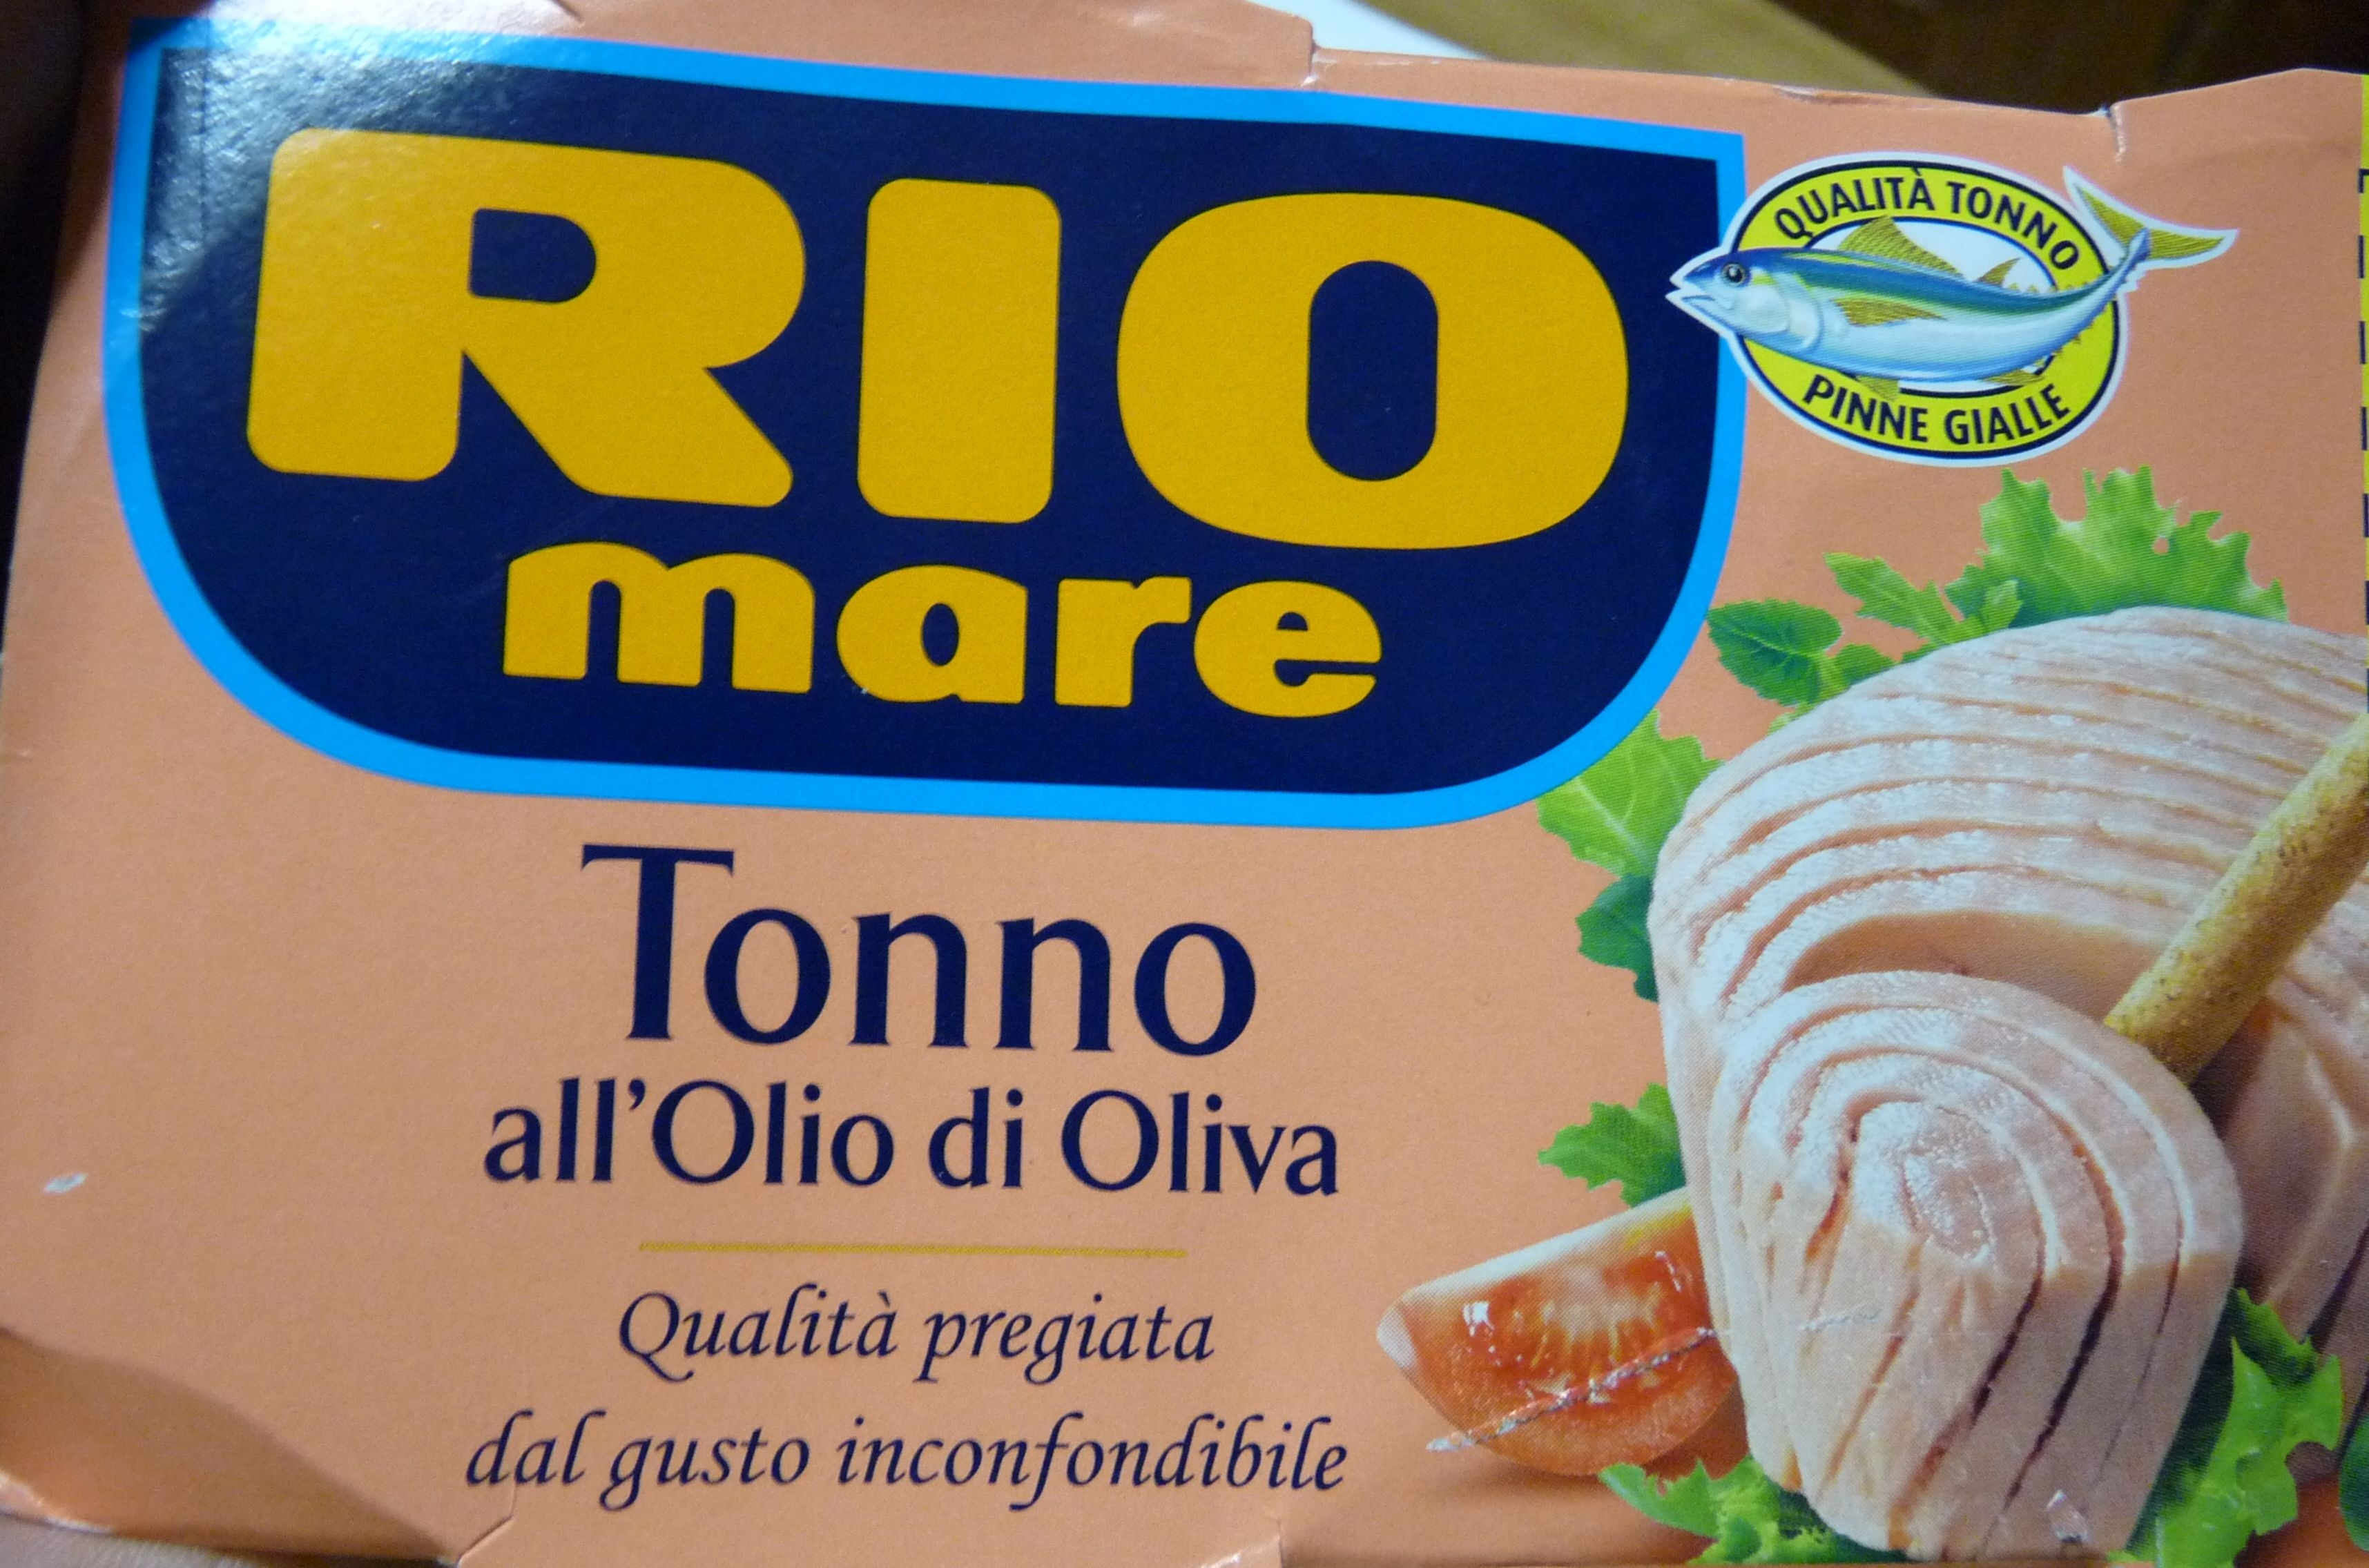 RIO MARE Tonno all'olio di oliva - Product